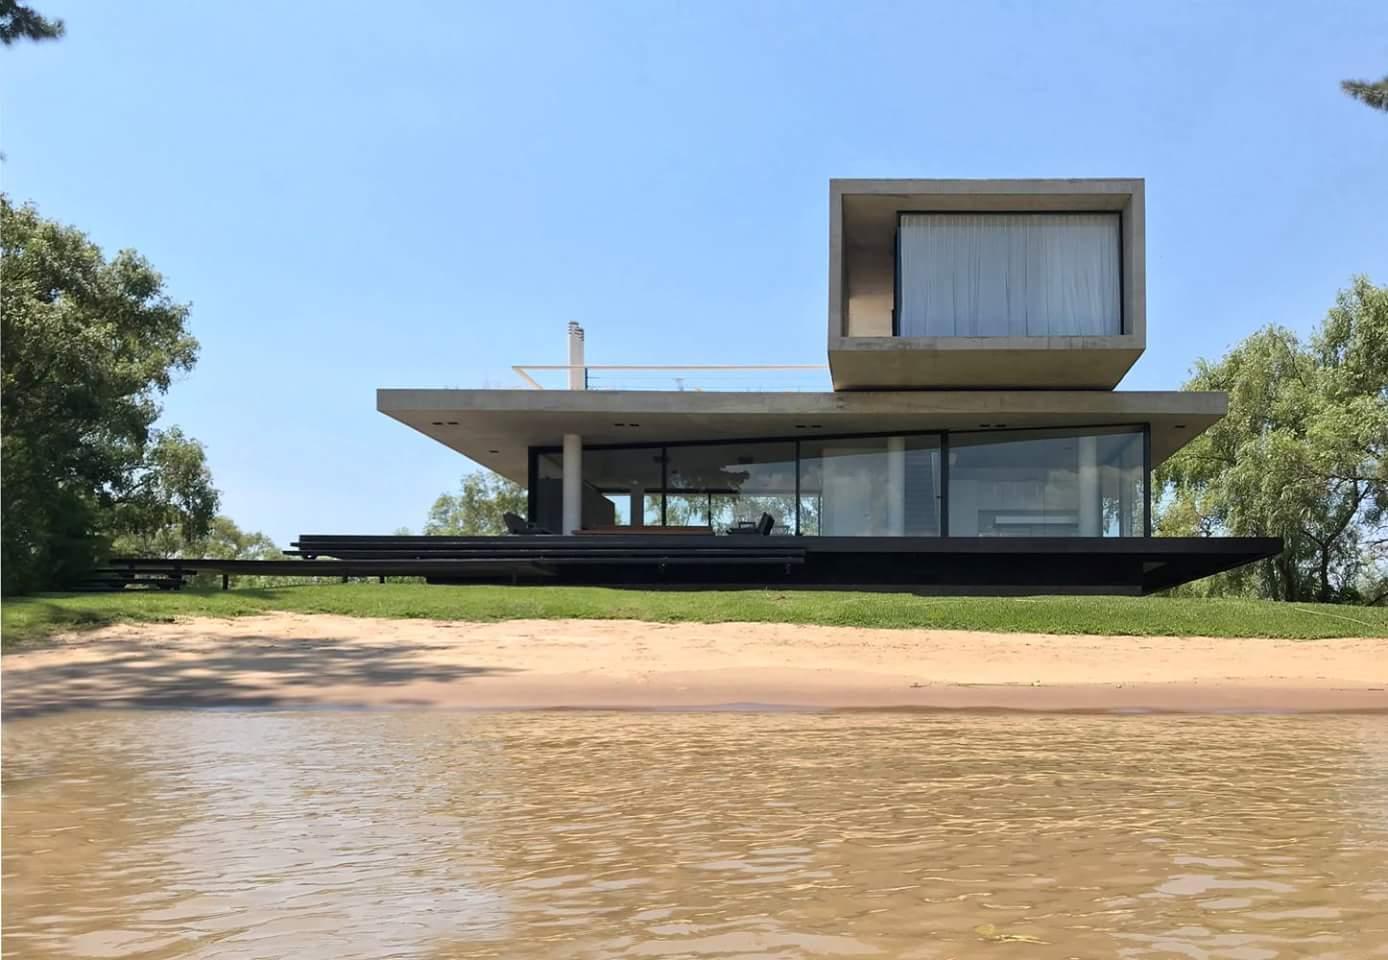 prefab modular beach houses  (12)